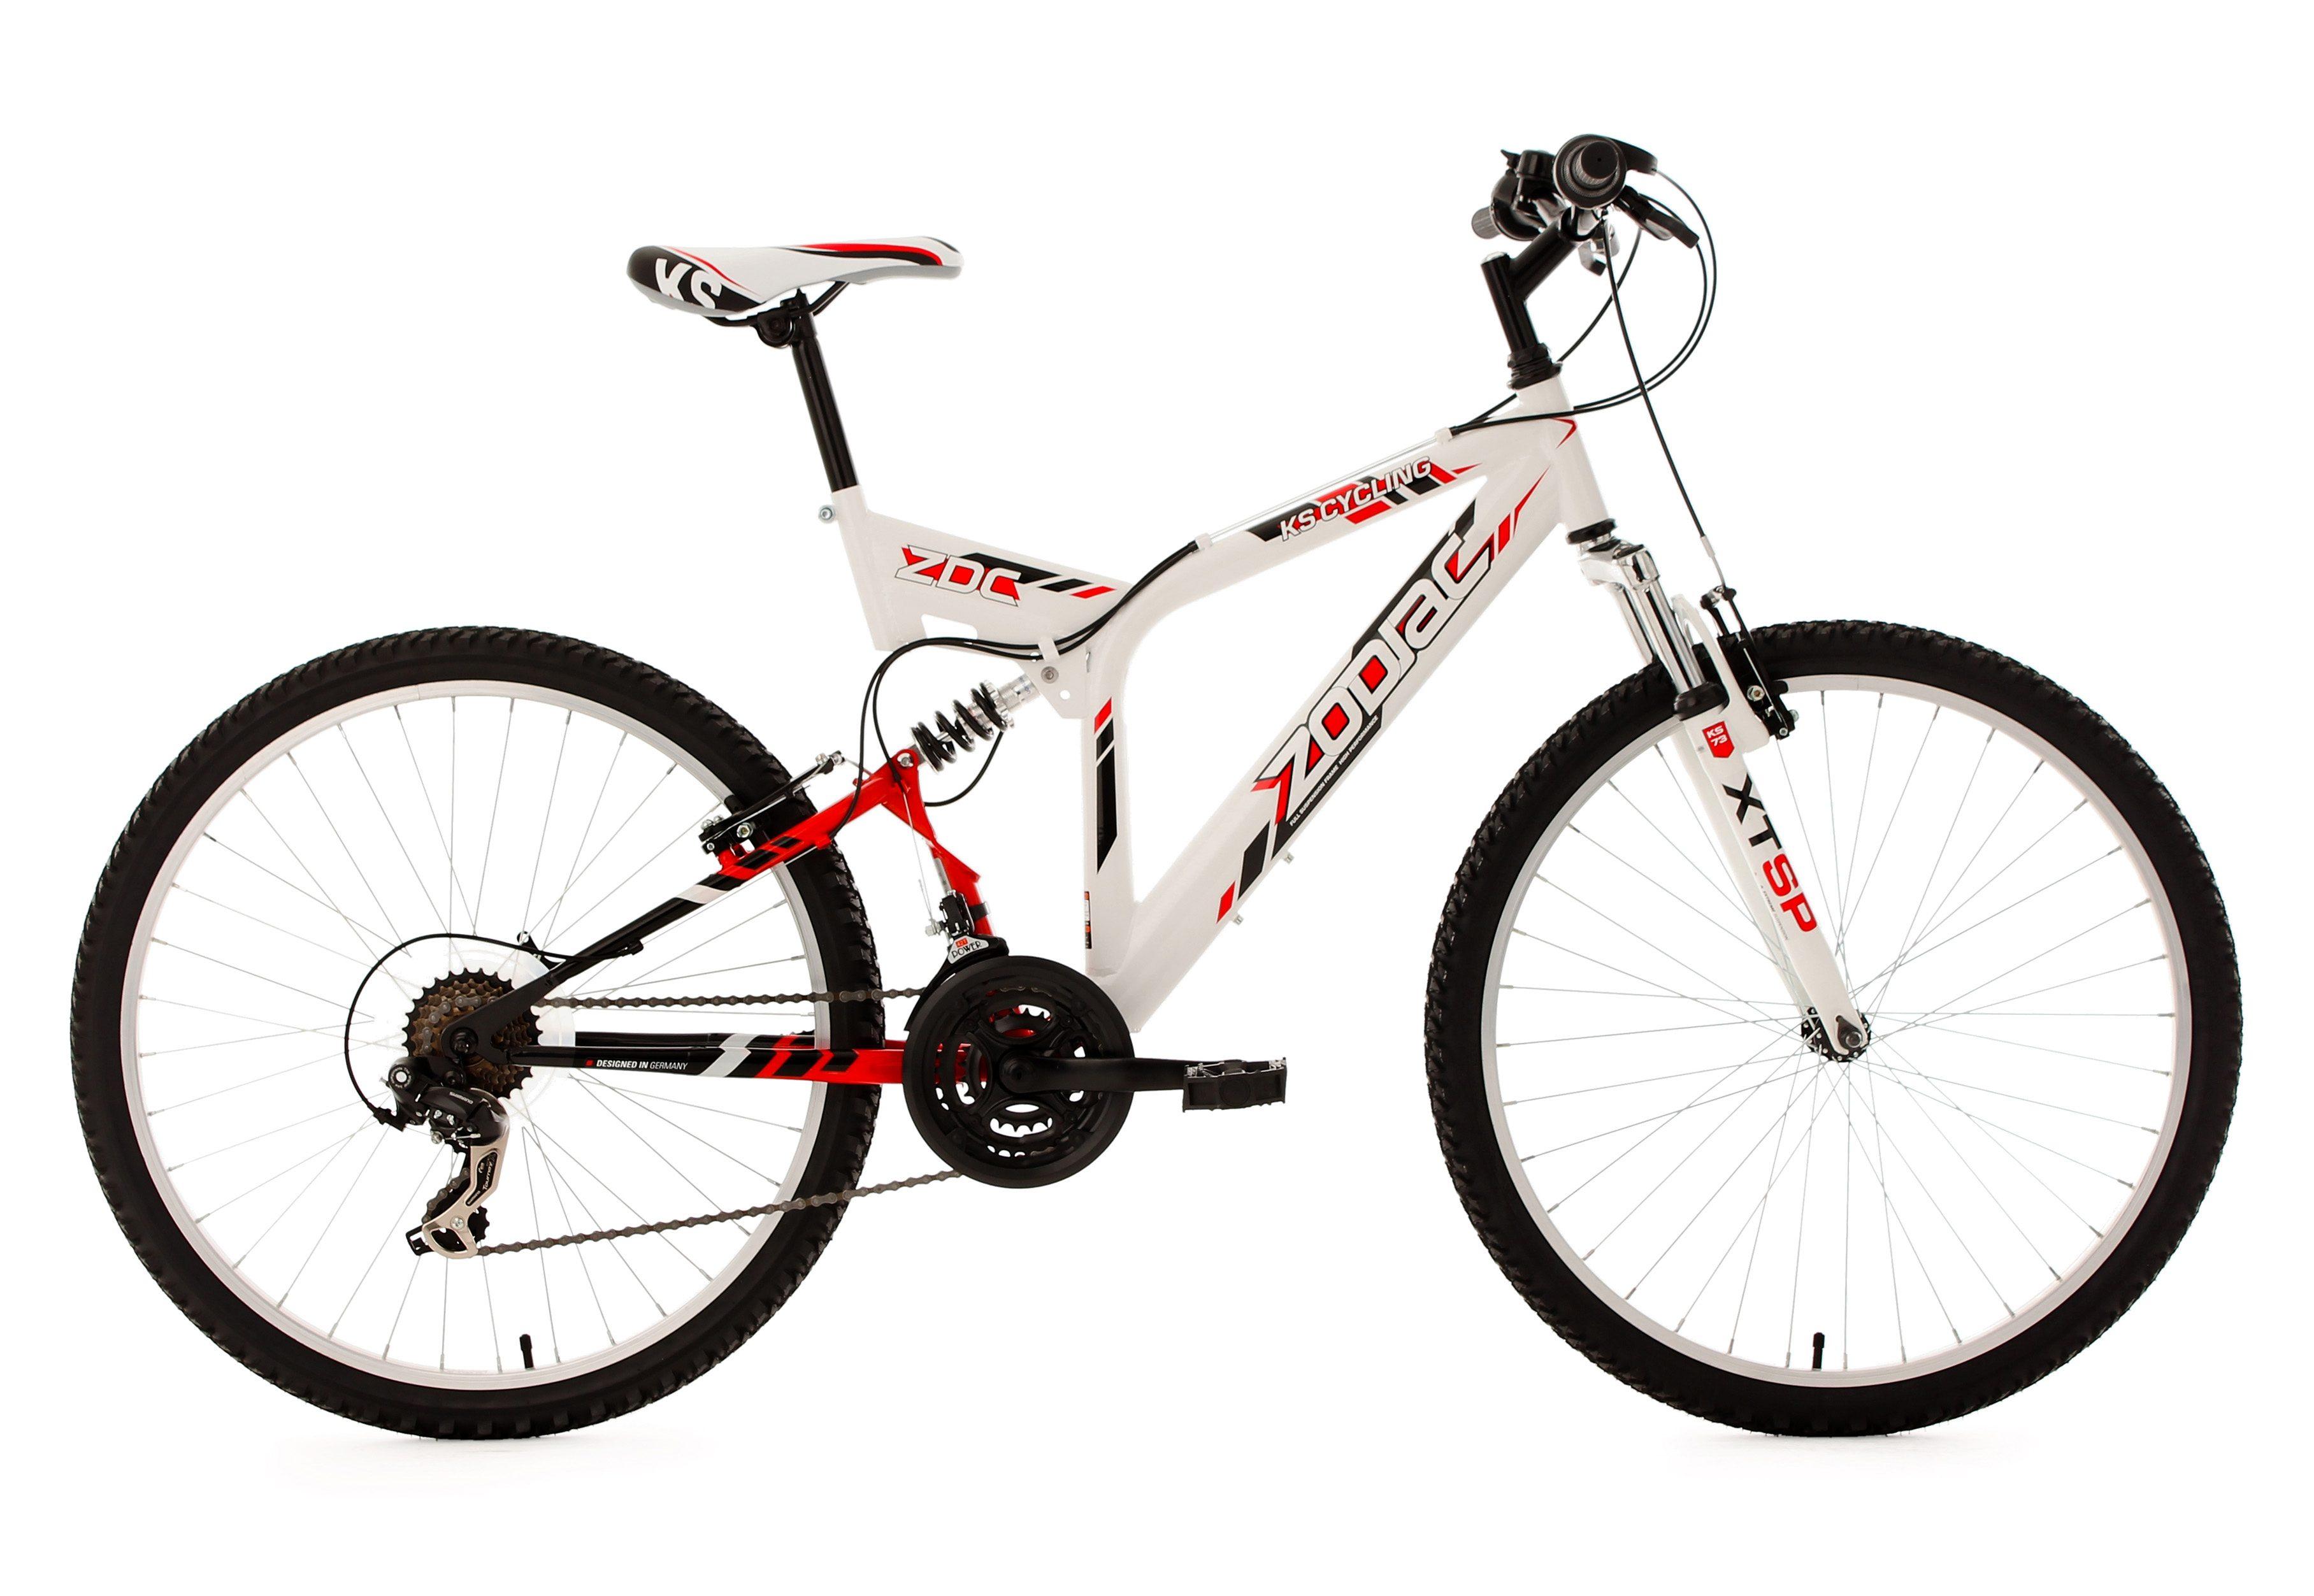 Fully-Mountainbike, 26 Zoll, 21 Gang Kettenschaltung, weiß, »Zodiac«, KS Cycling